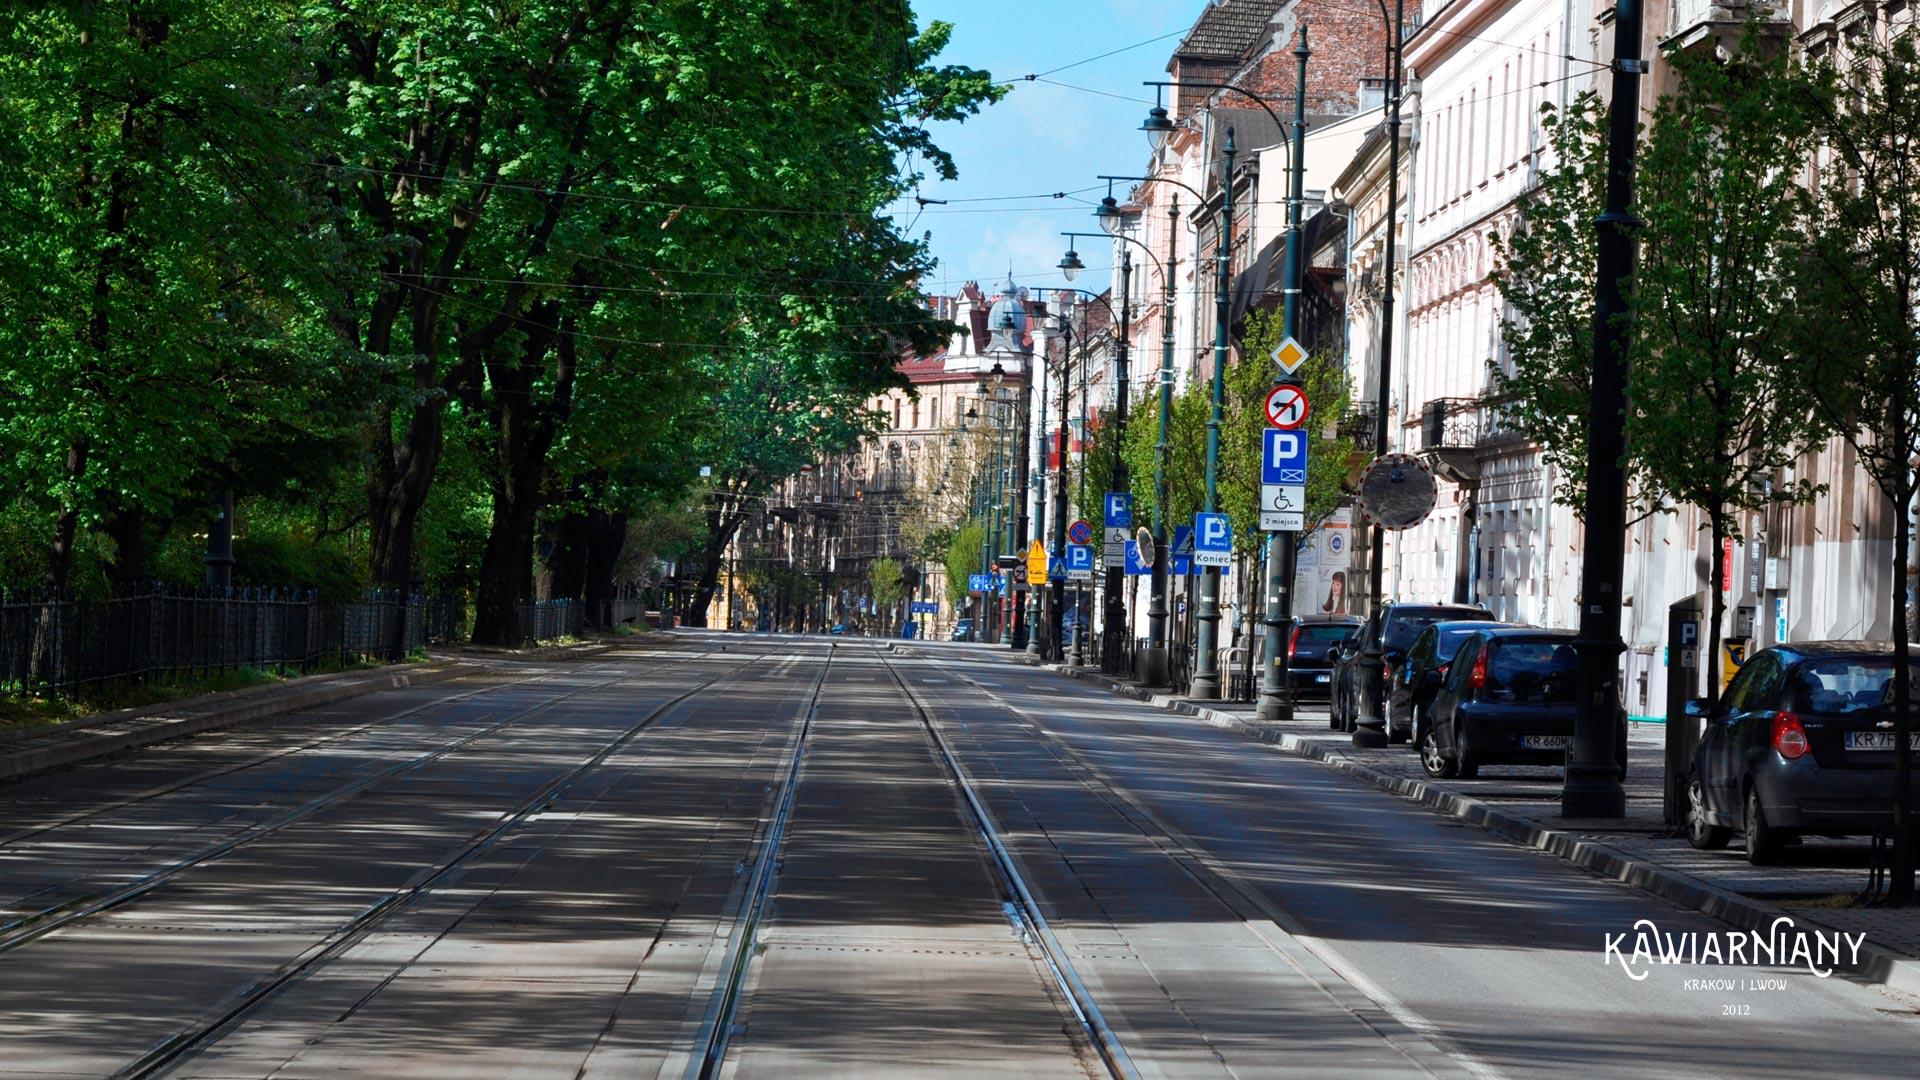 Rynek w Krakowie – parking. Gdzie można zaparkować?